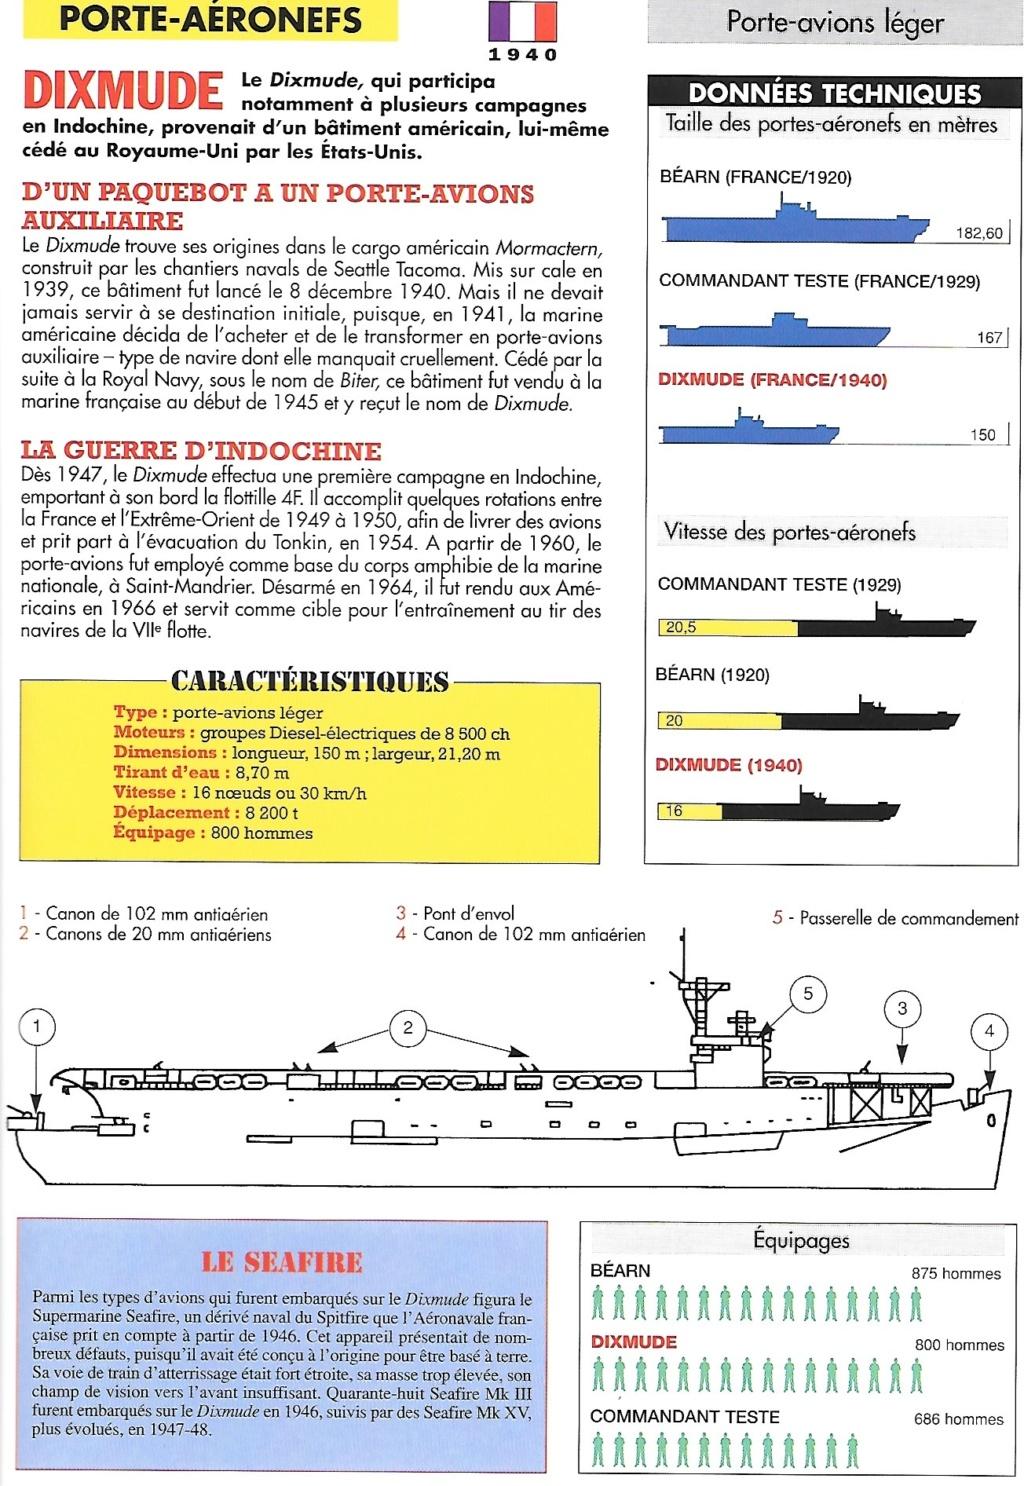 Petite histroire des porte-avions d'escorte - 1915-1945 - Page 7 Pa210